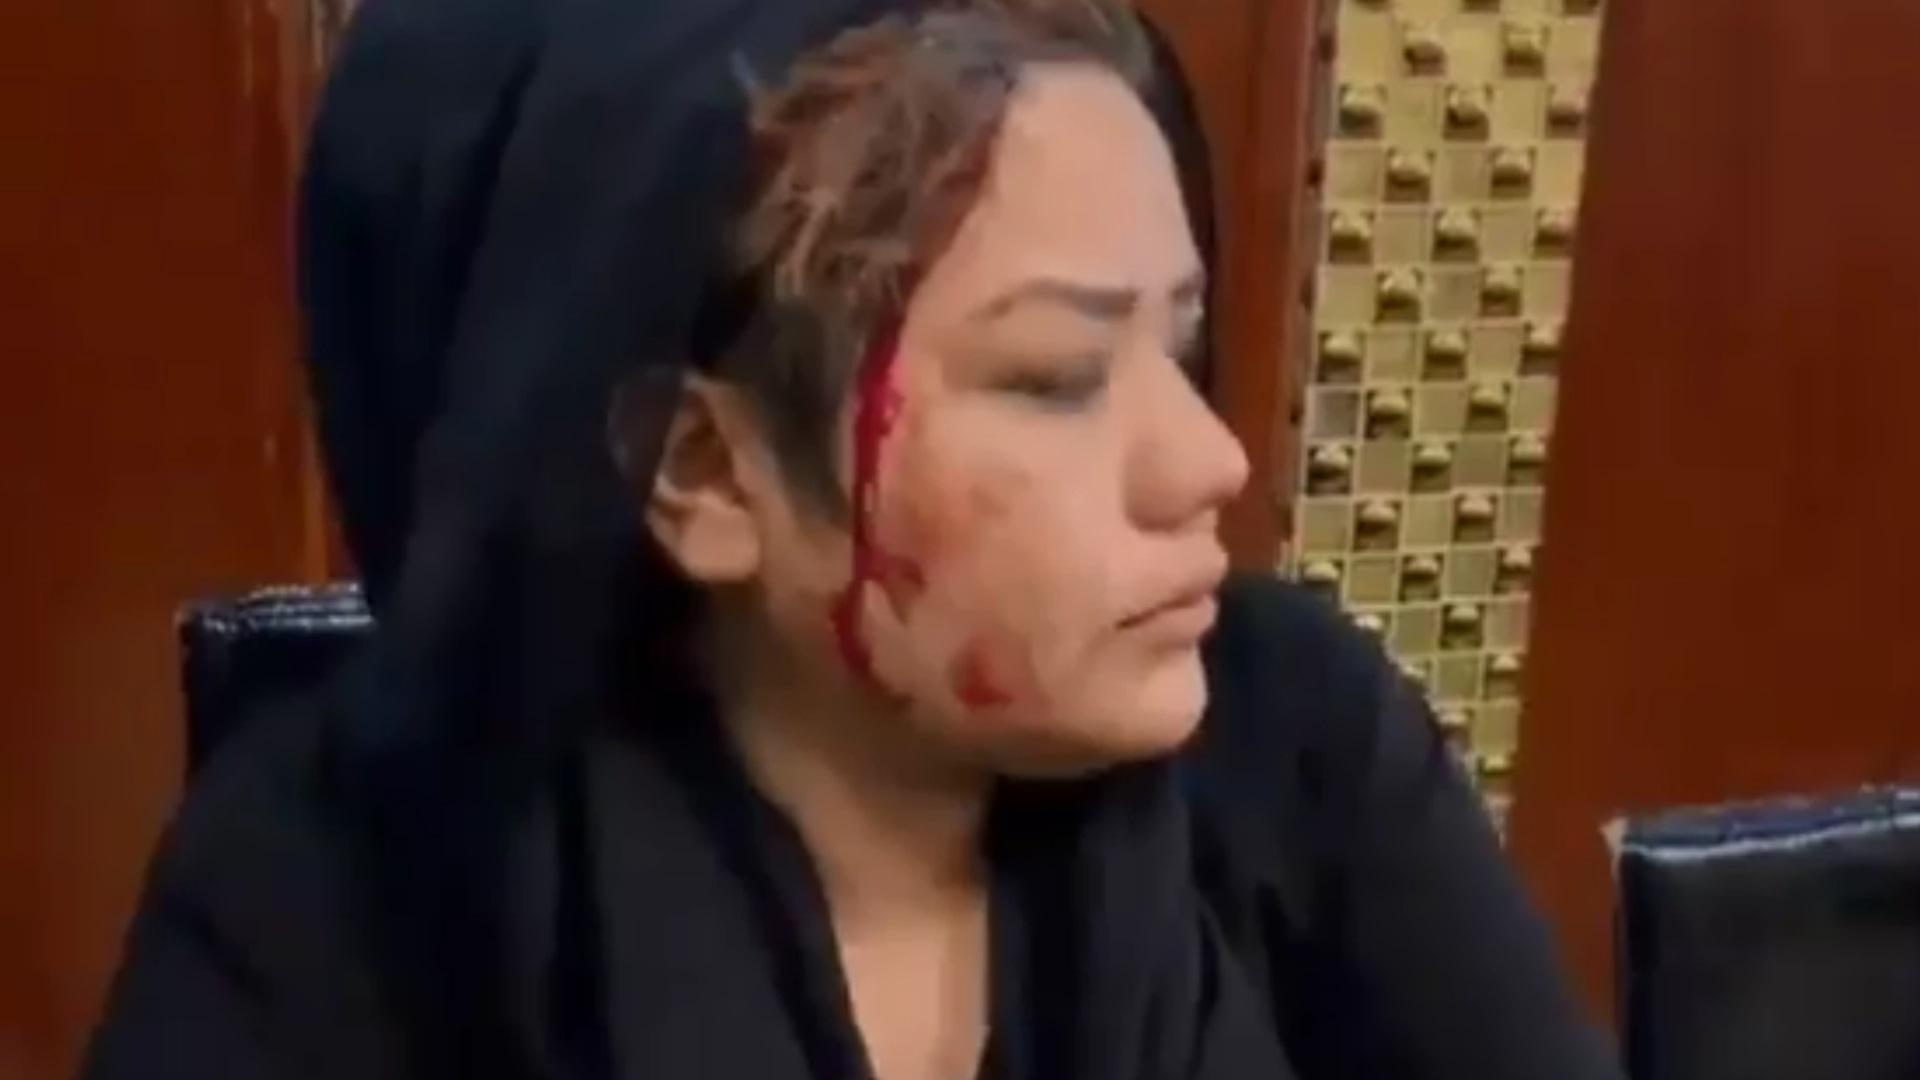 Αφγανιστάν: Γυναίκες αψηφούν τους Ταλιμπάν και βγαίνουν στους δρόμους – Βίντεο με δακρυγόνα και ξυλοδαρμούς